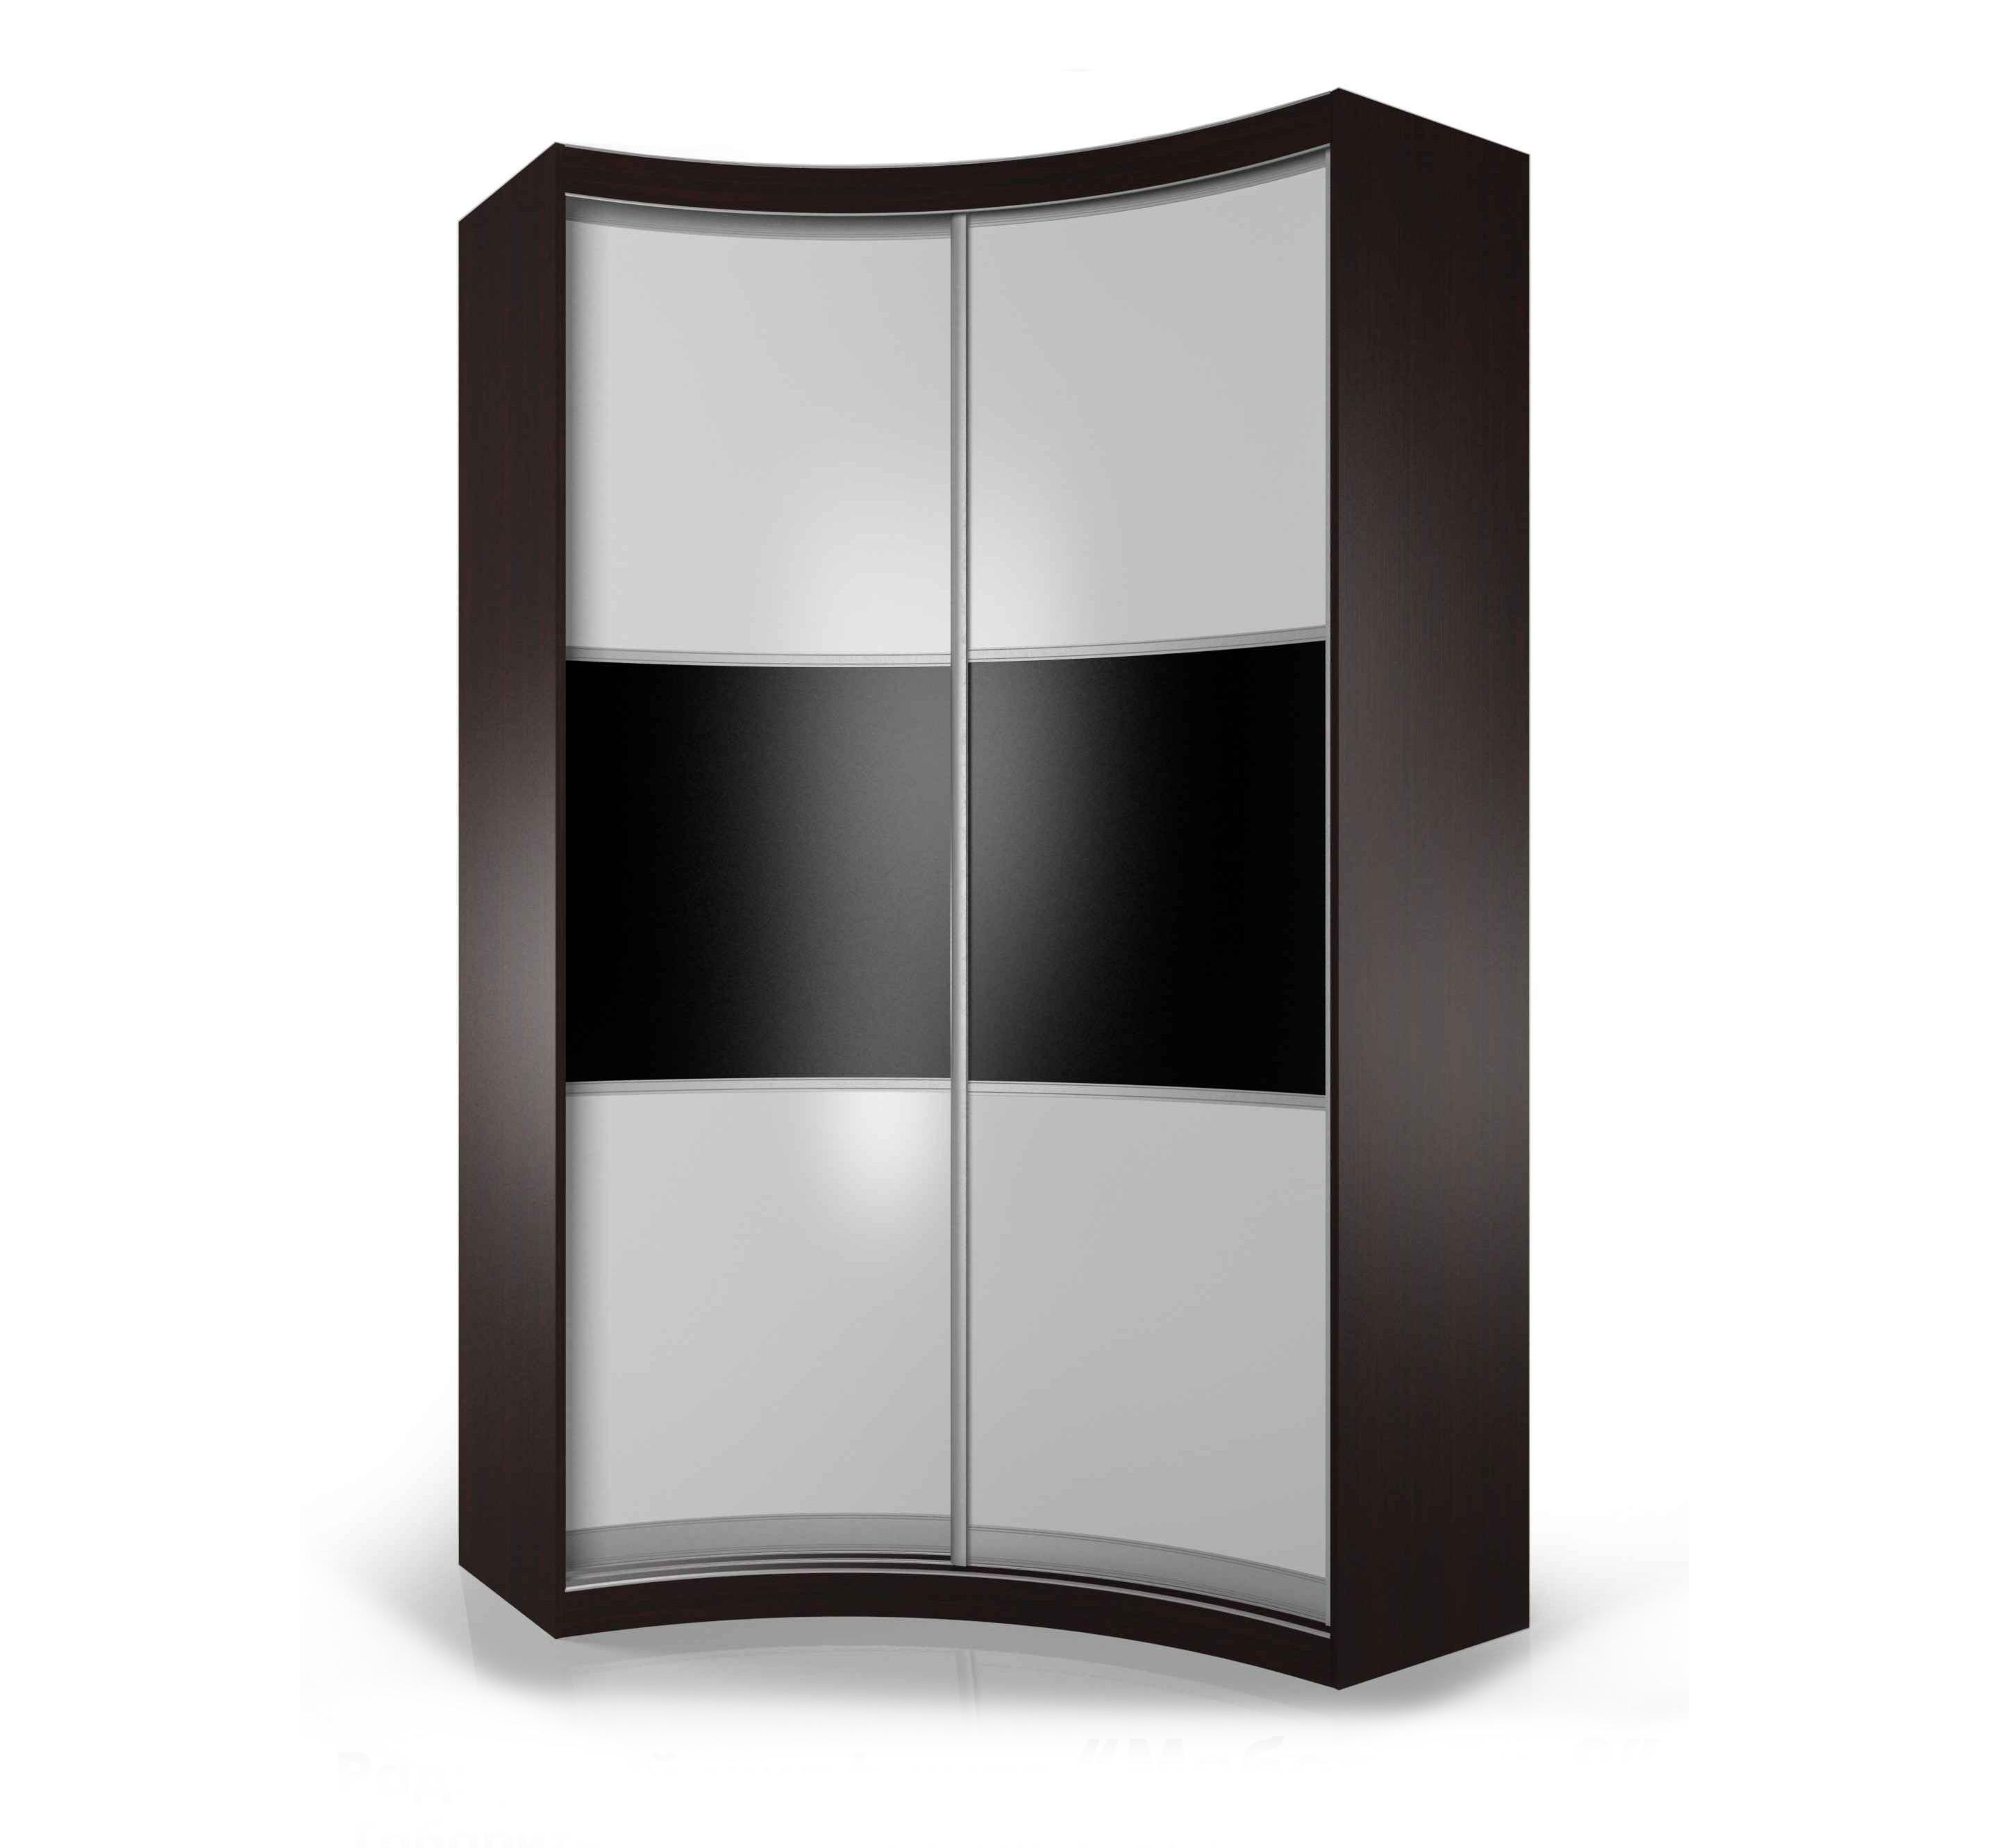 Радиусный шкаф-купе Мебелайн-8 радиусный шкаф купе мебелайн 5